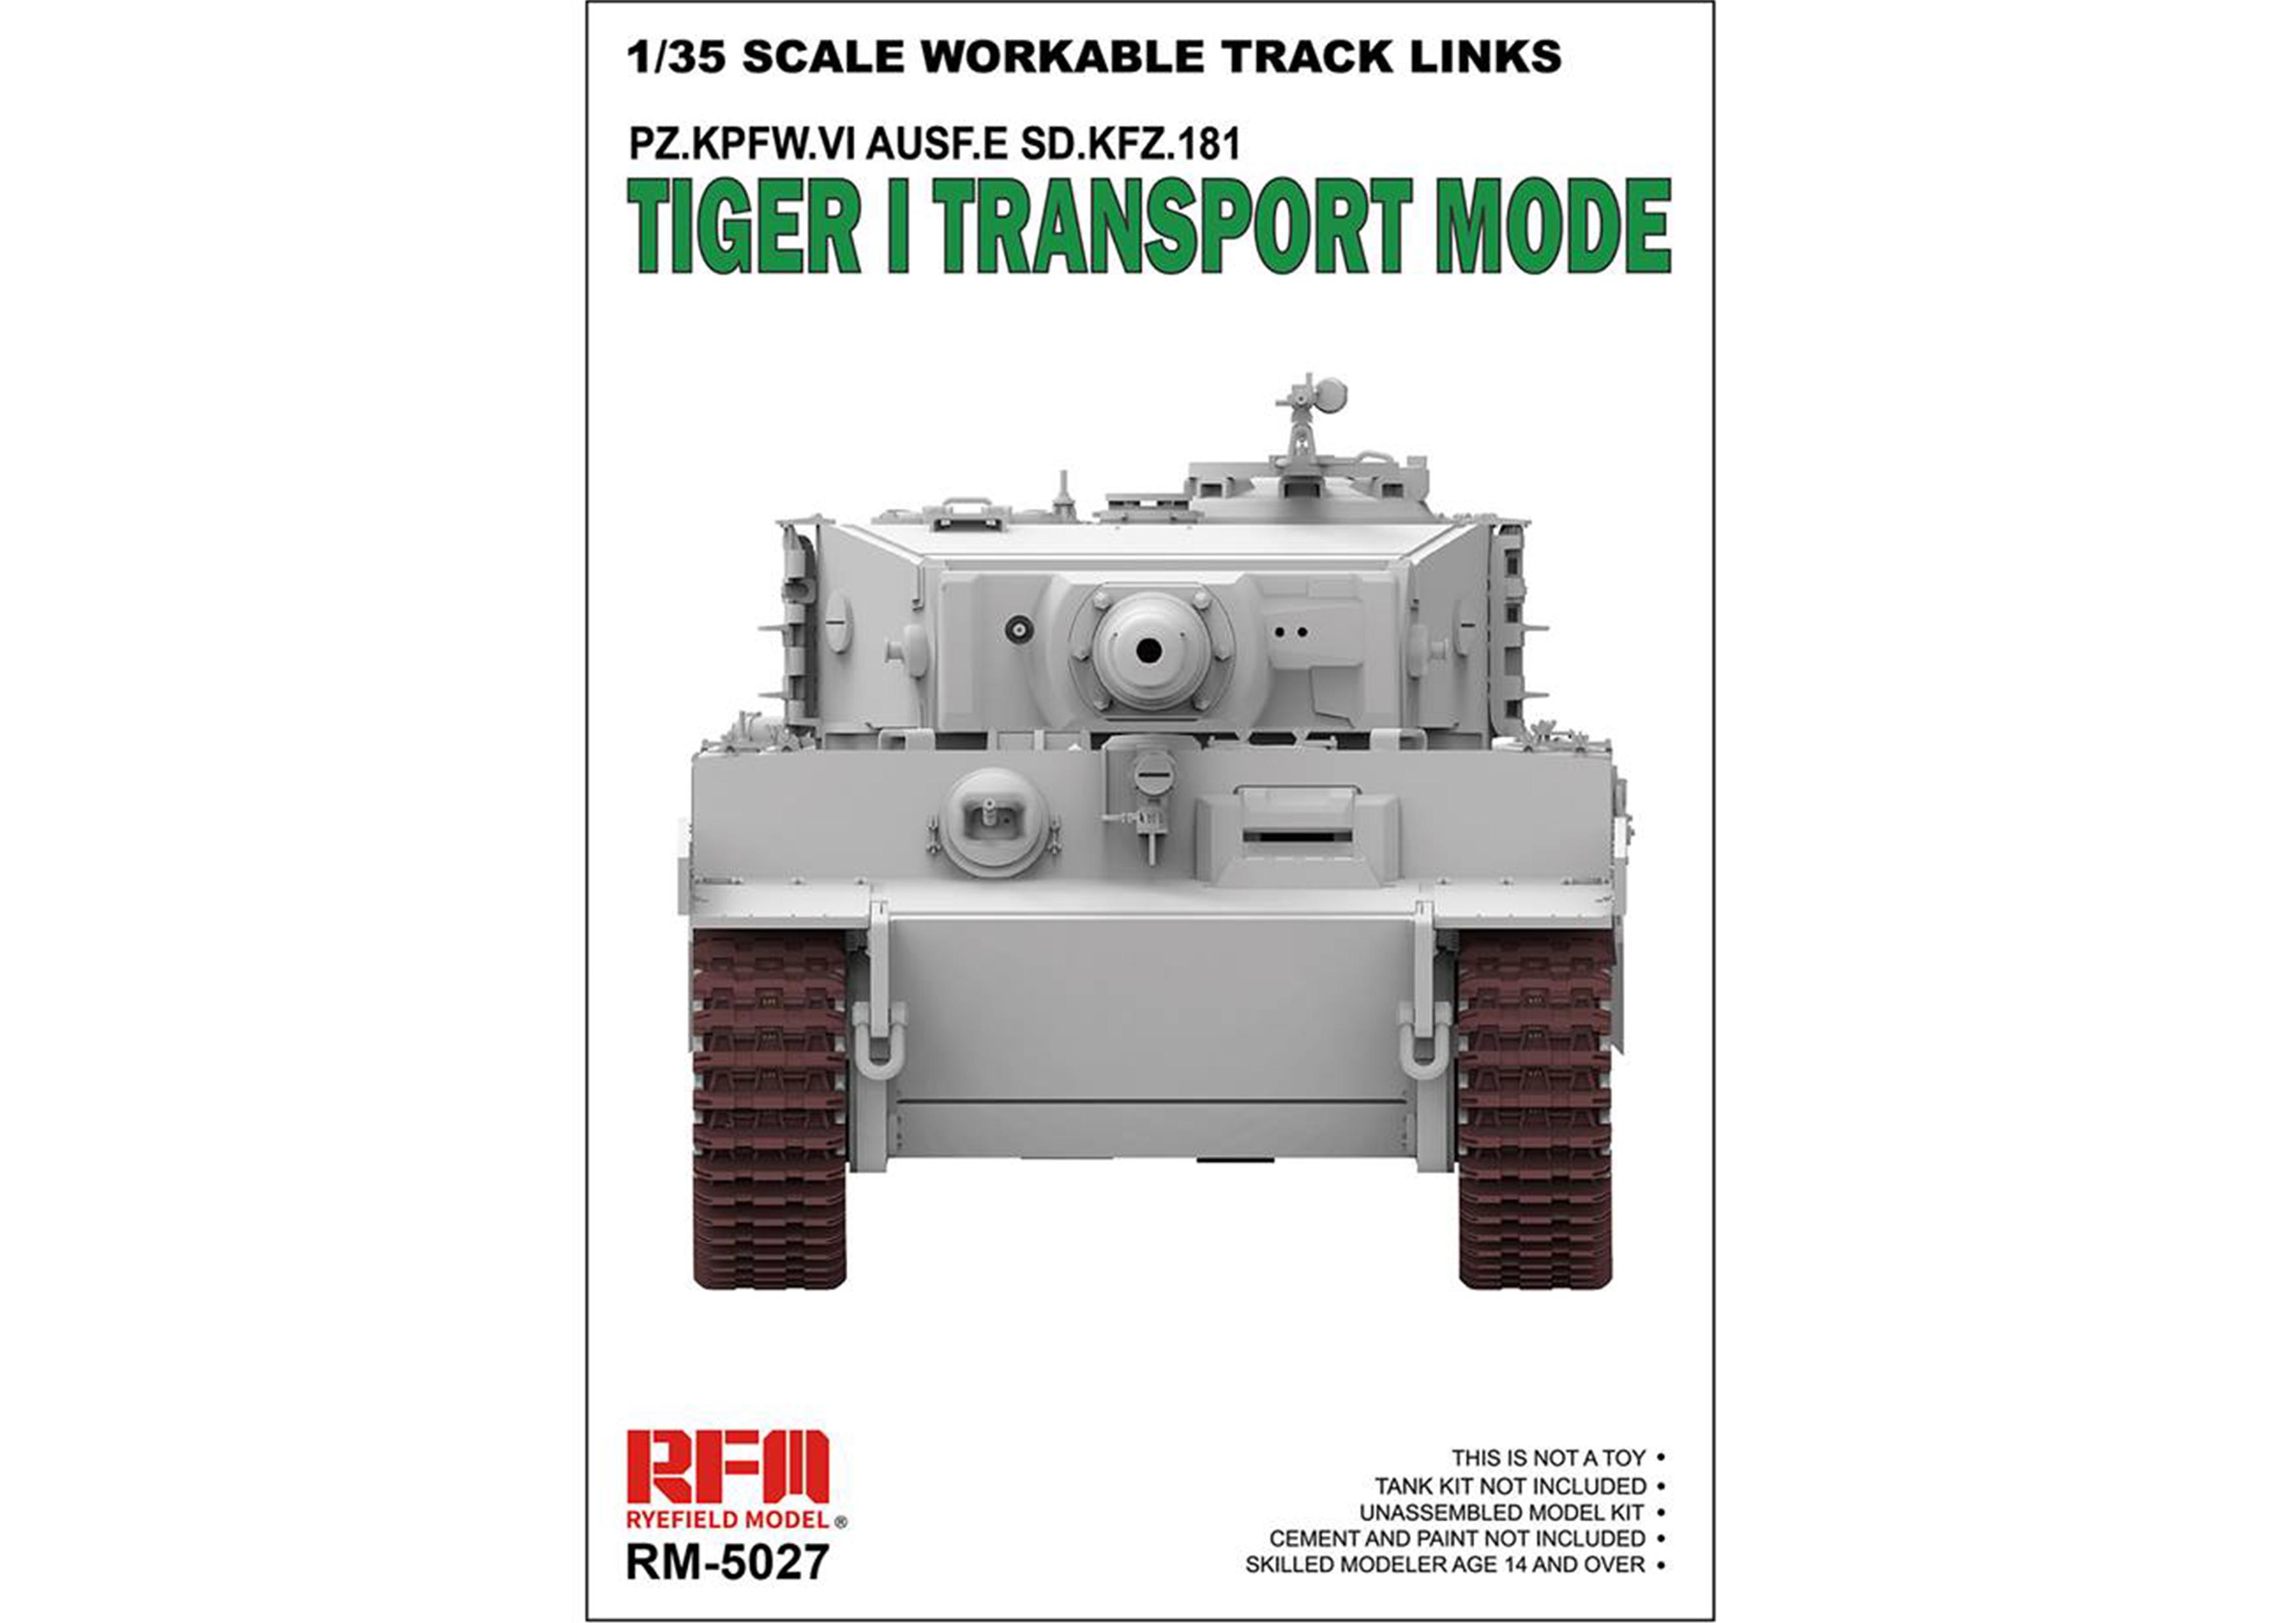 RM-5027 TIGER I TRANSPORT MODE WORKABLE TRACK LINKS